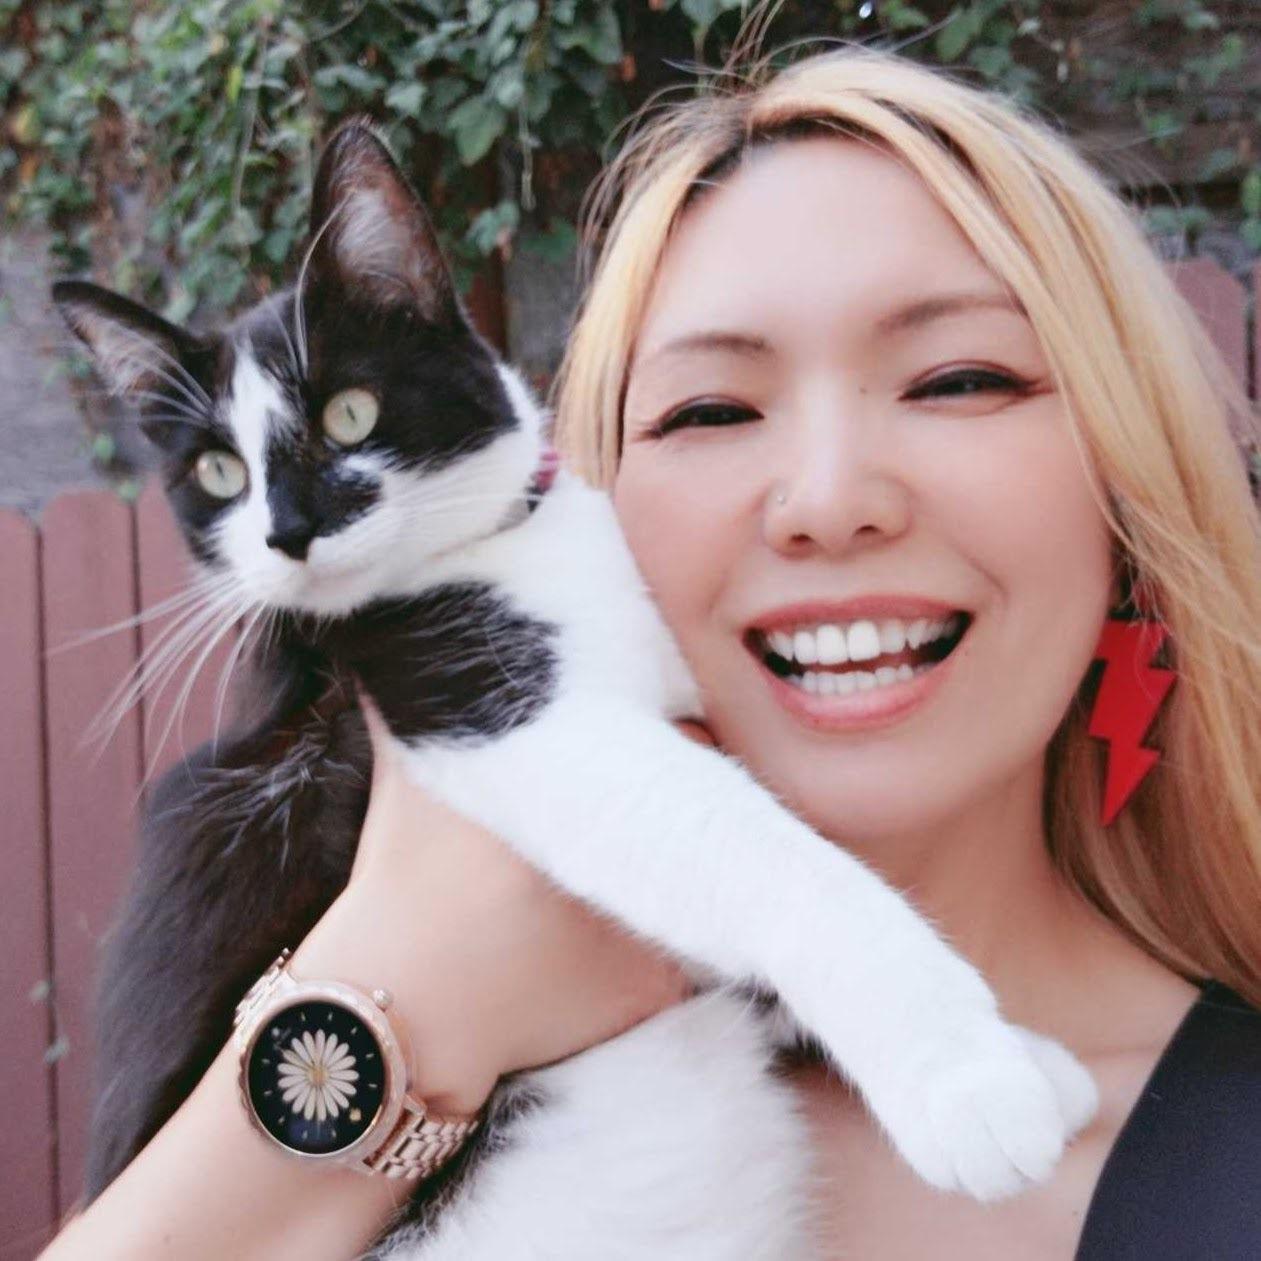 Tomomi Imura's image